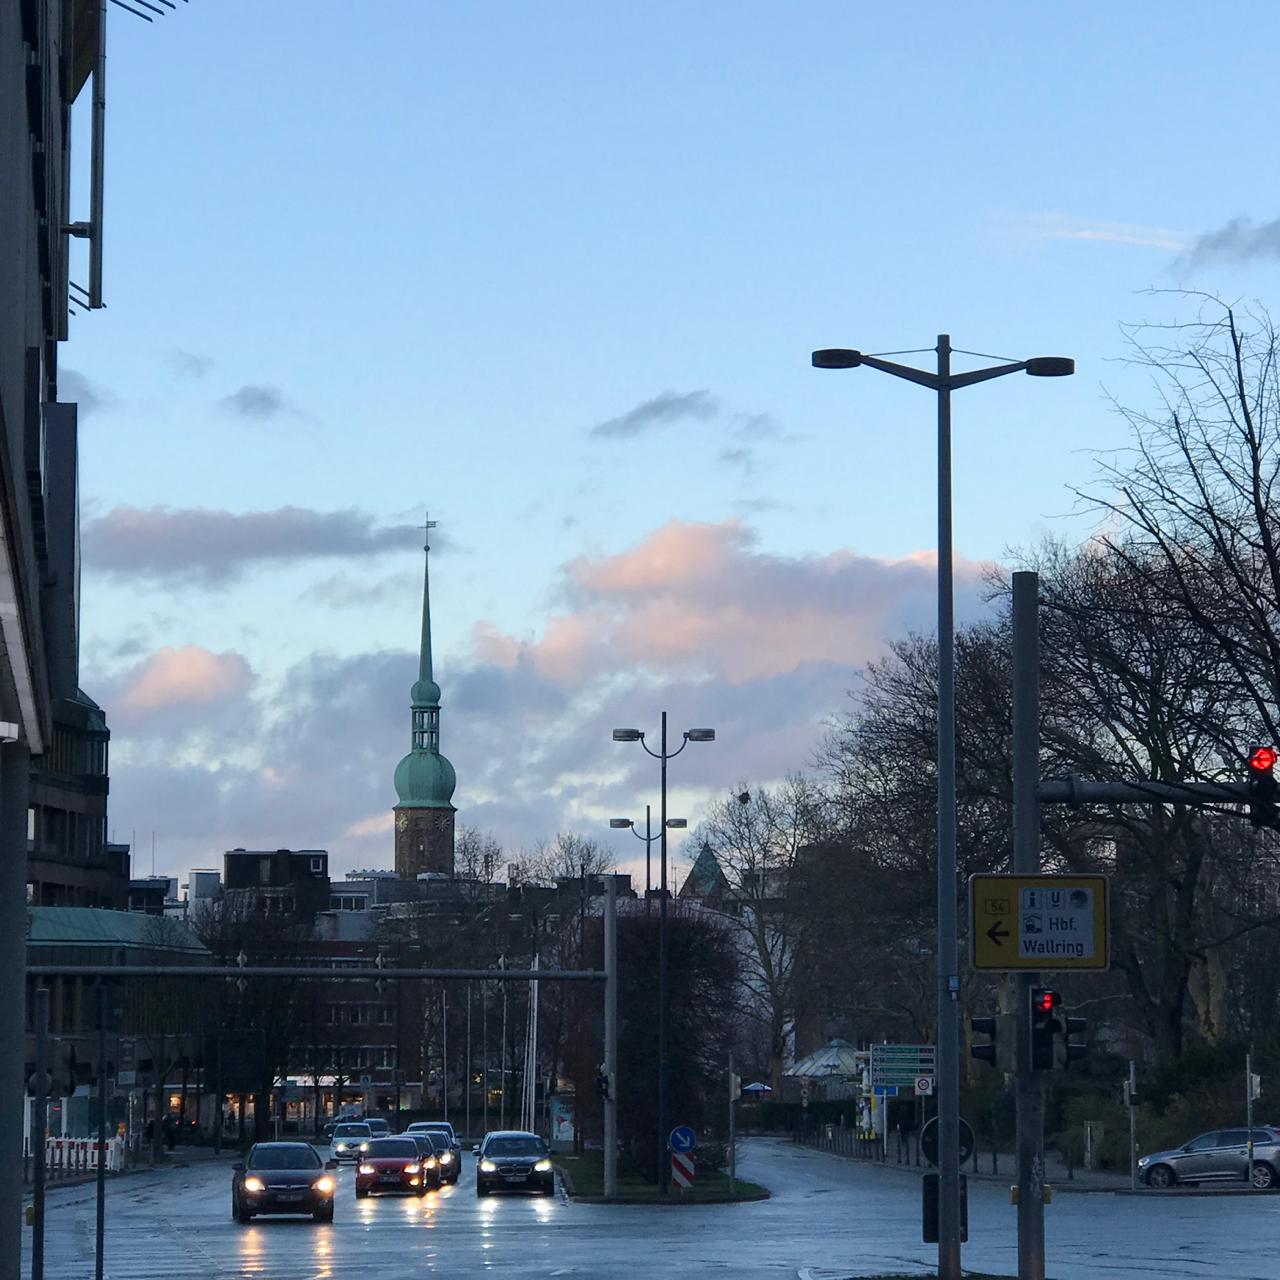 Dortmund: Nach-regen-Himmel mit dem Turm der Reinoldikirche